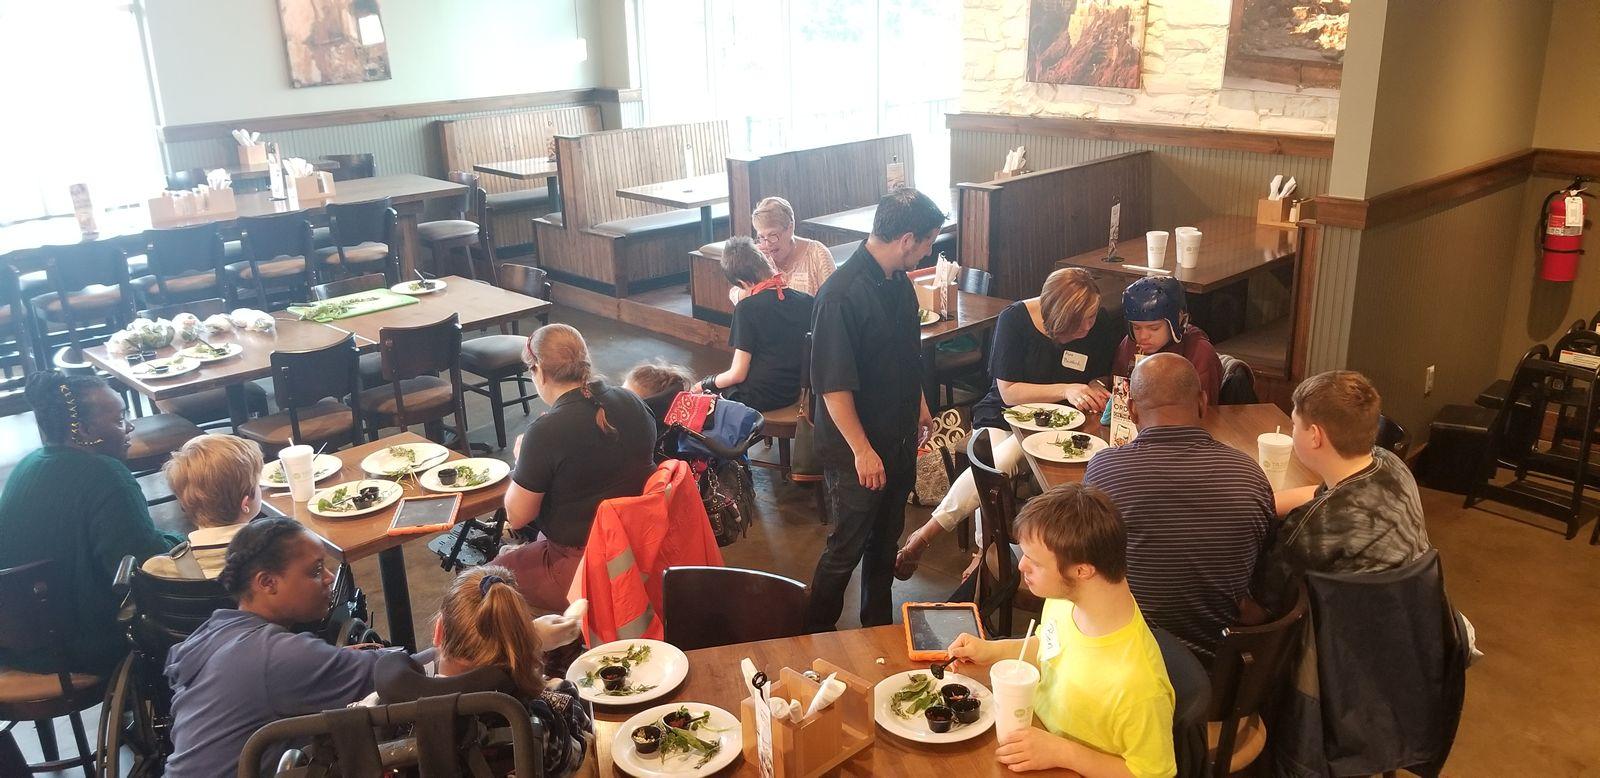 restaurant franchise | RestaurantNewsRelease com - Part 72